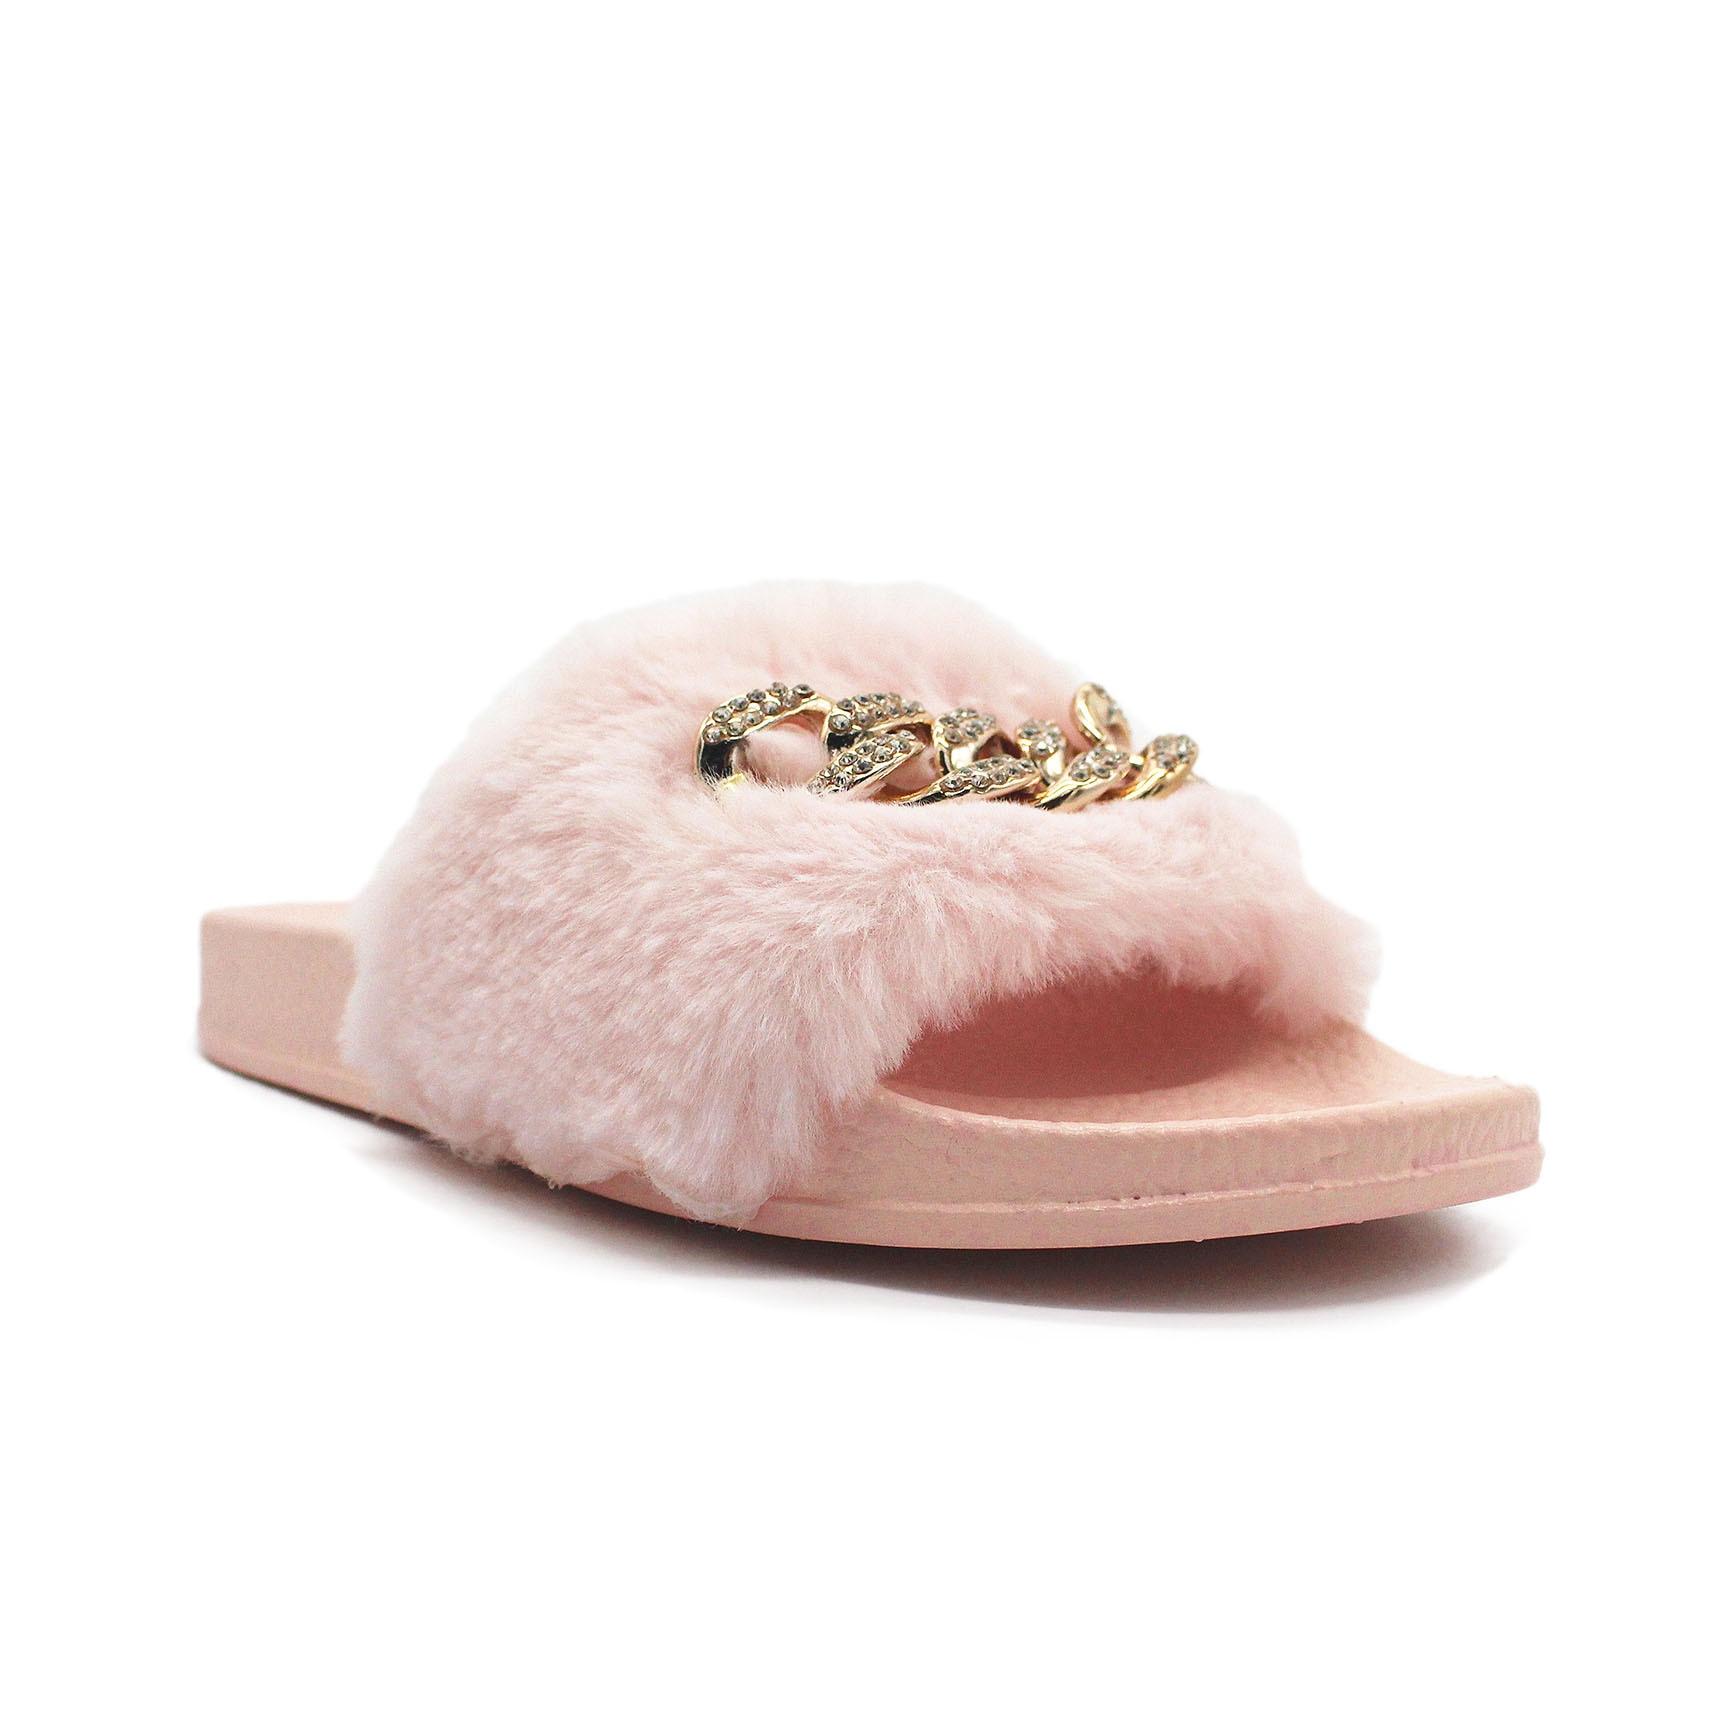 Les hommes plat doux moelleux faux de fourrure à plat pantoufles Tongs sandales Chaussures chsD3KT1